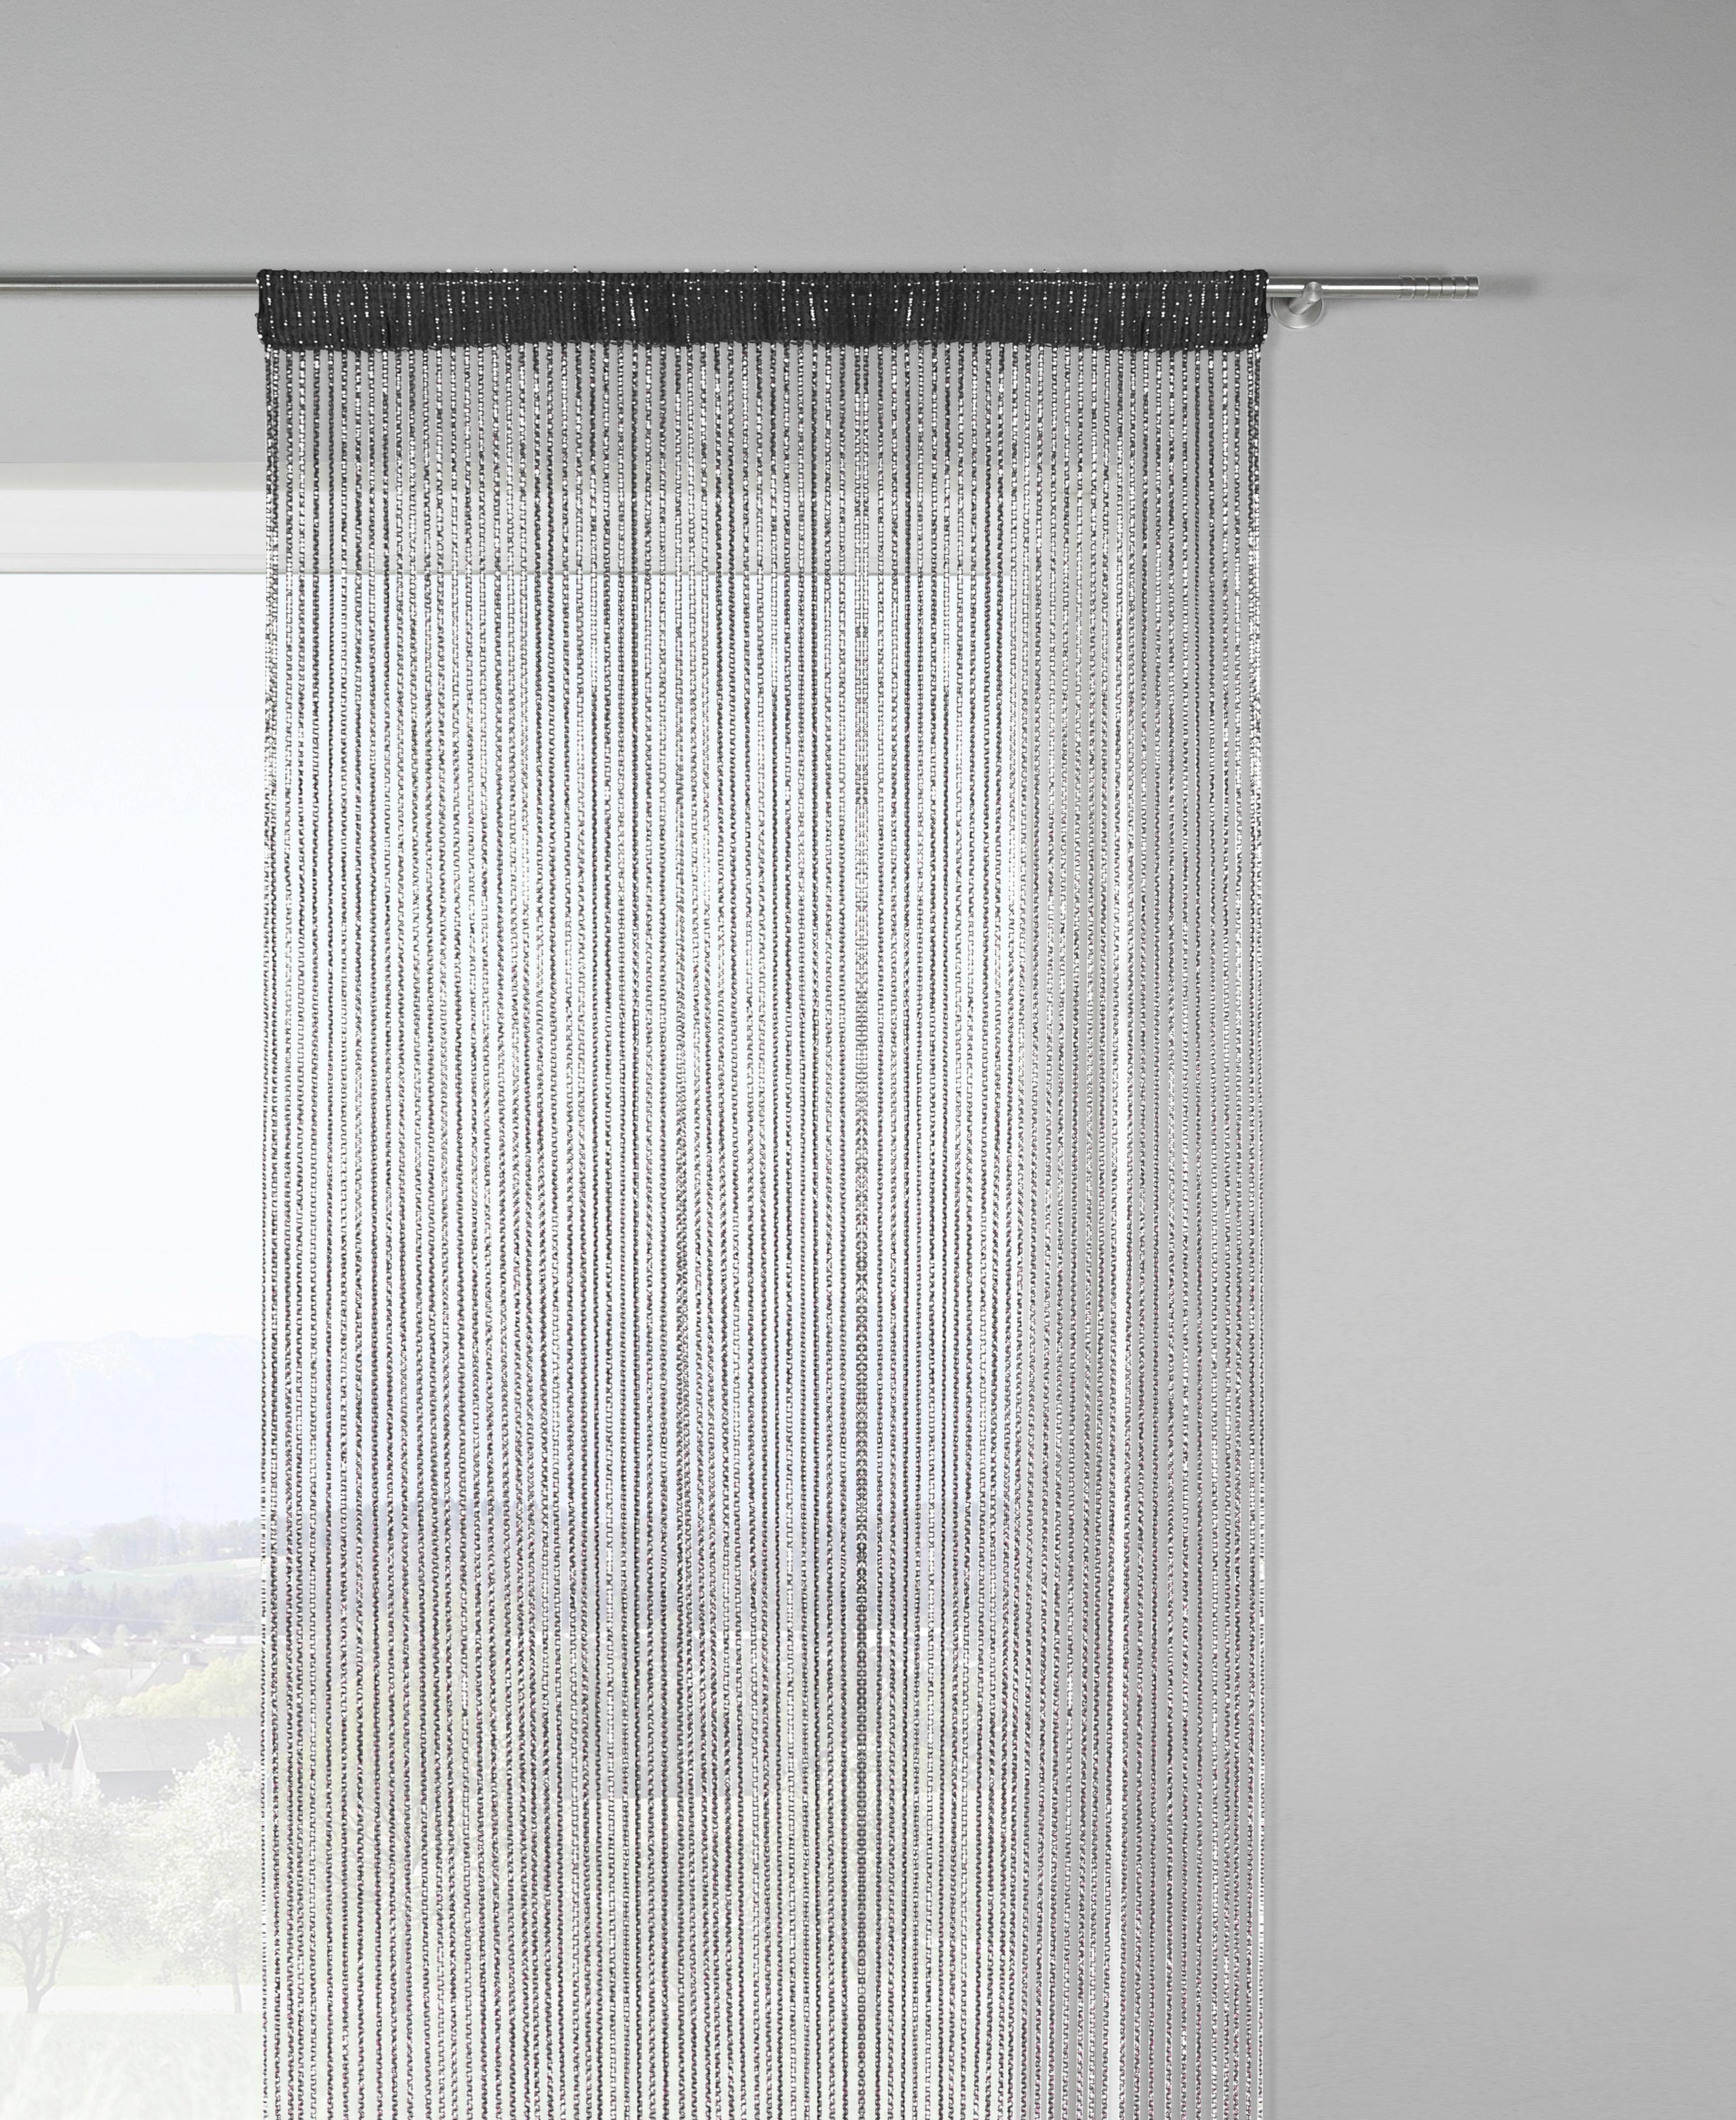 Zsinórfüggöny Lurex - fekete/arany színű, Lifestyle, textil (90/245cm) - MÖMAX modern living